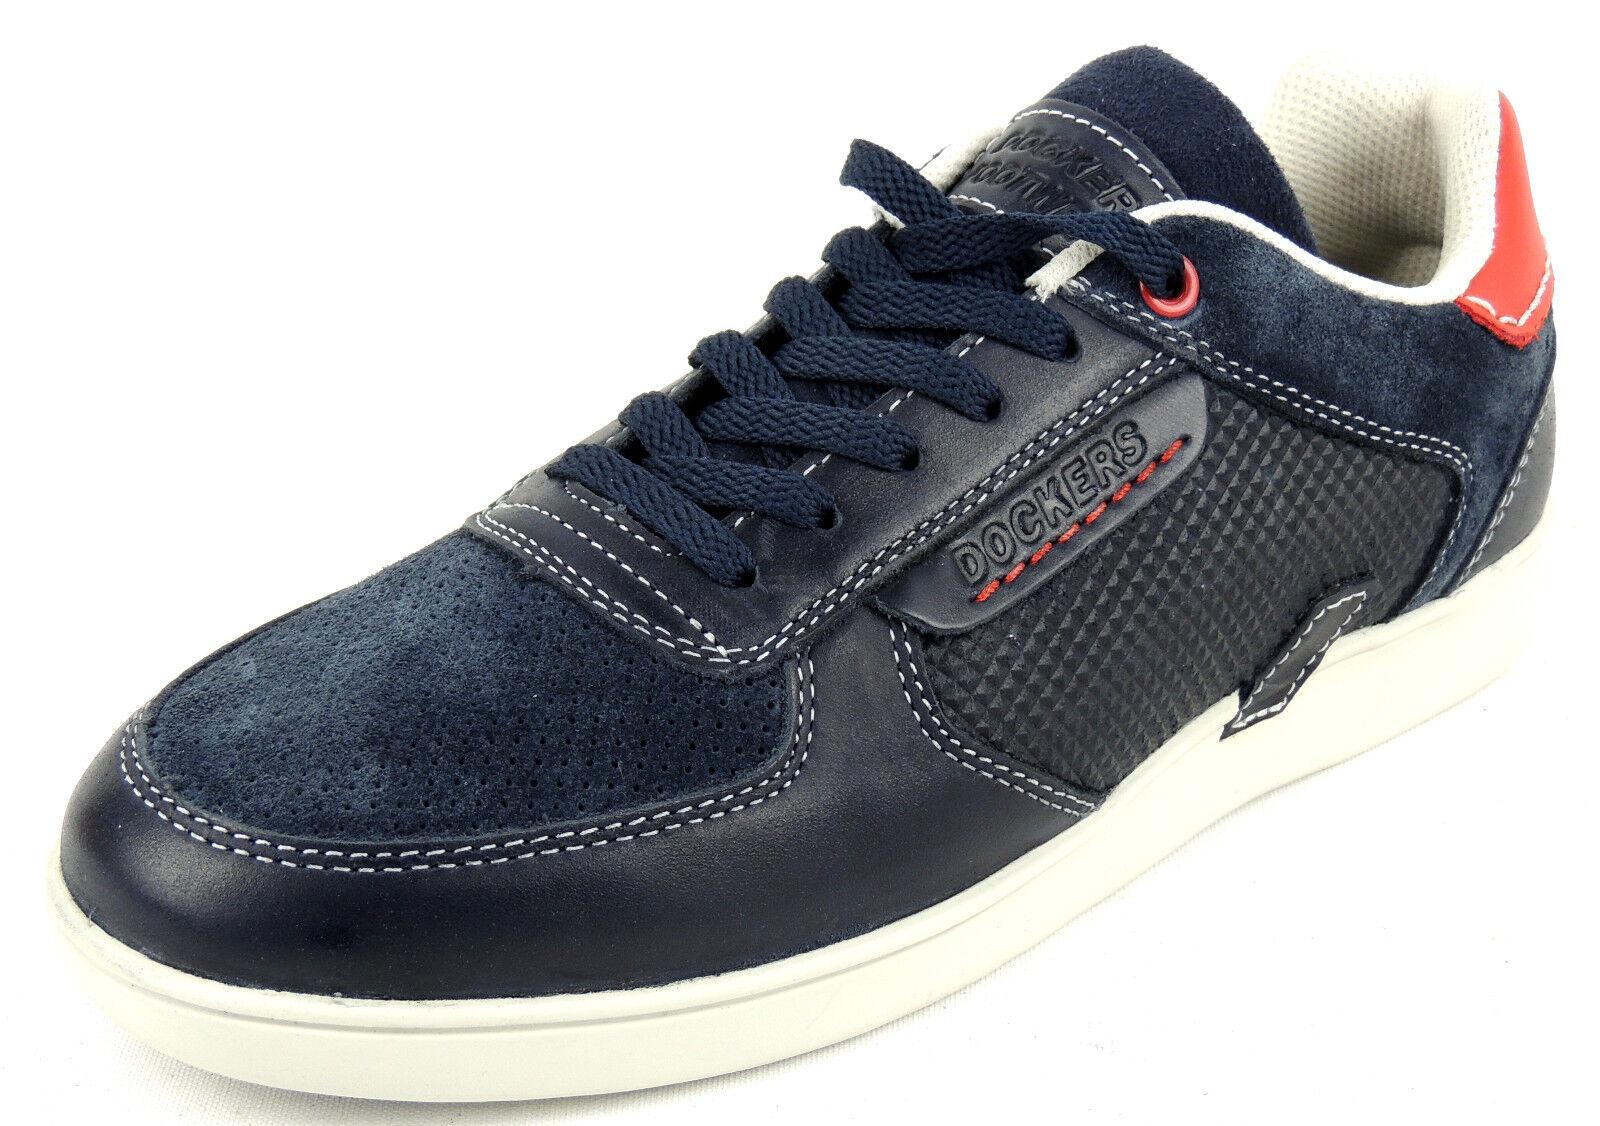 Los últimos zapatos de descuento para hombres y mujeres Dockers señores con cordones zapatillas de cuero depósitos apto Navy/rojo